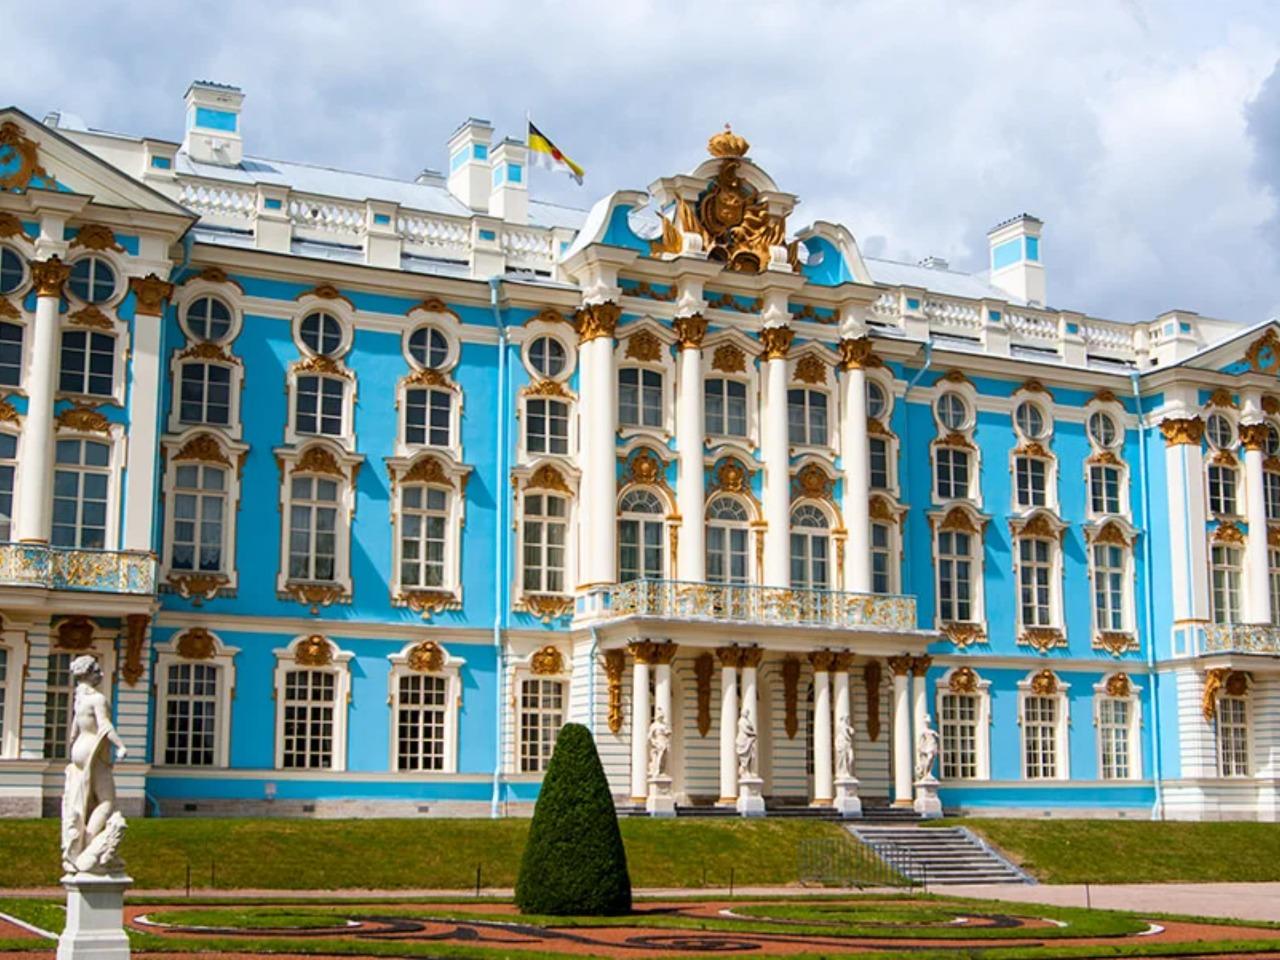 Царское Село: от скромной мызы до блеска дворцов - индивидуальная экскурсия по Санкт-Петербургу от опытного гида